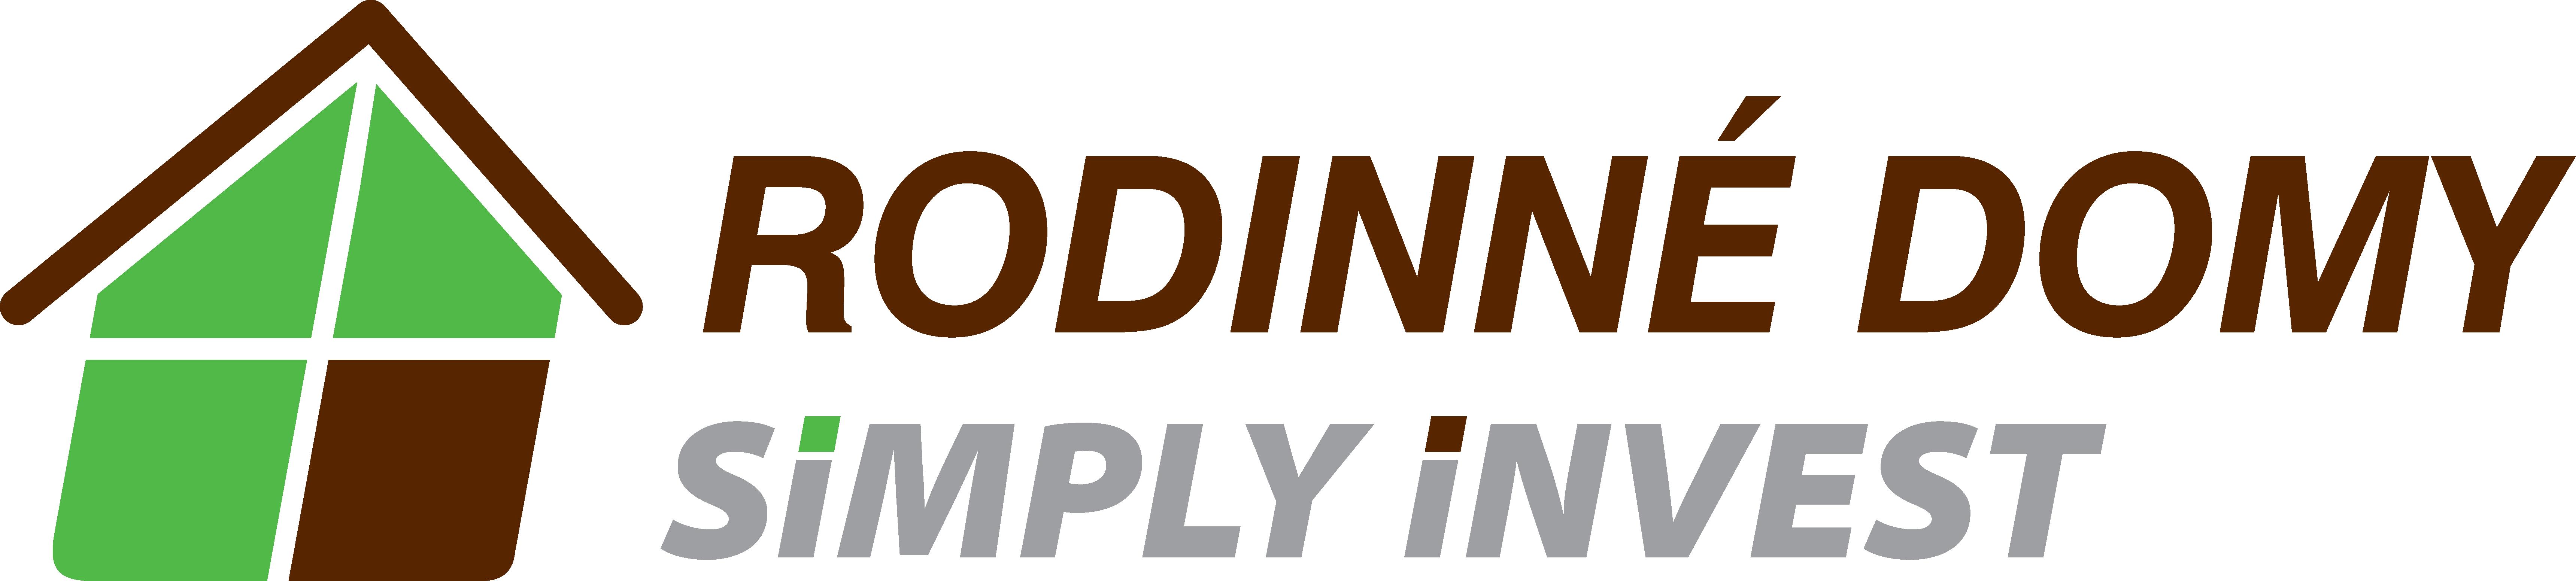 RODINNE DOMY_logo